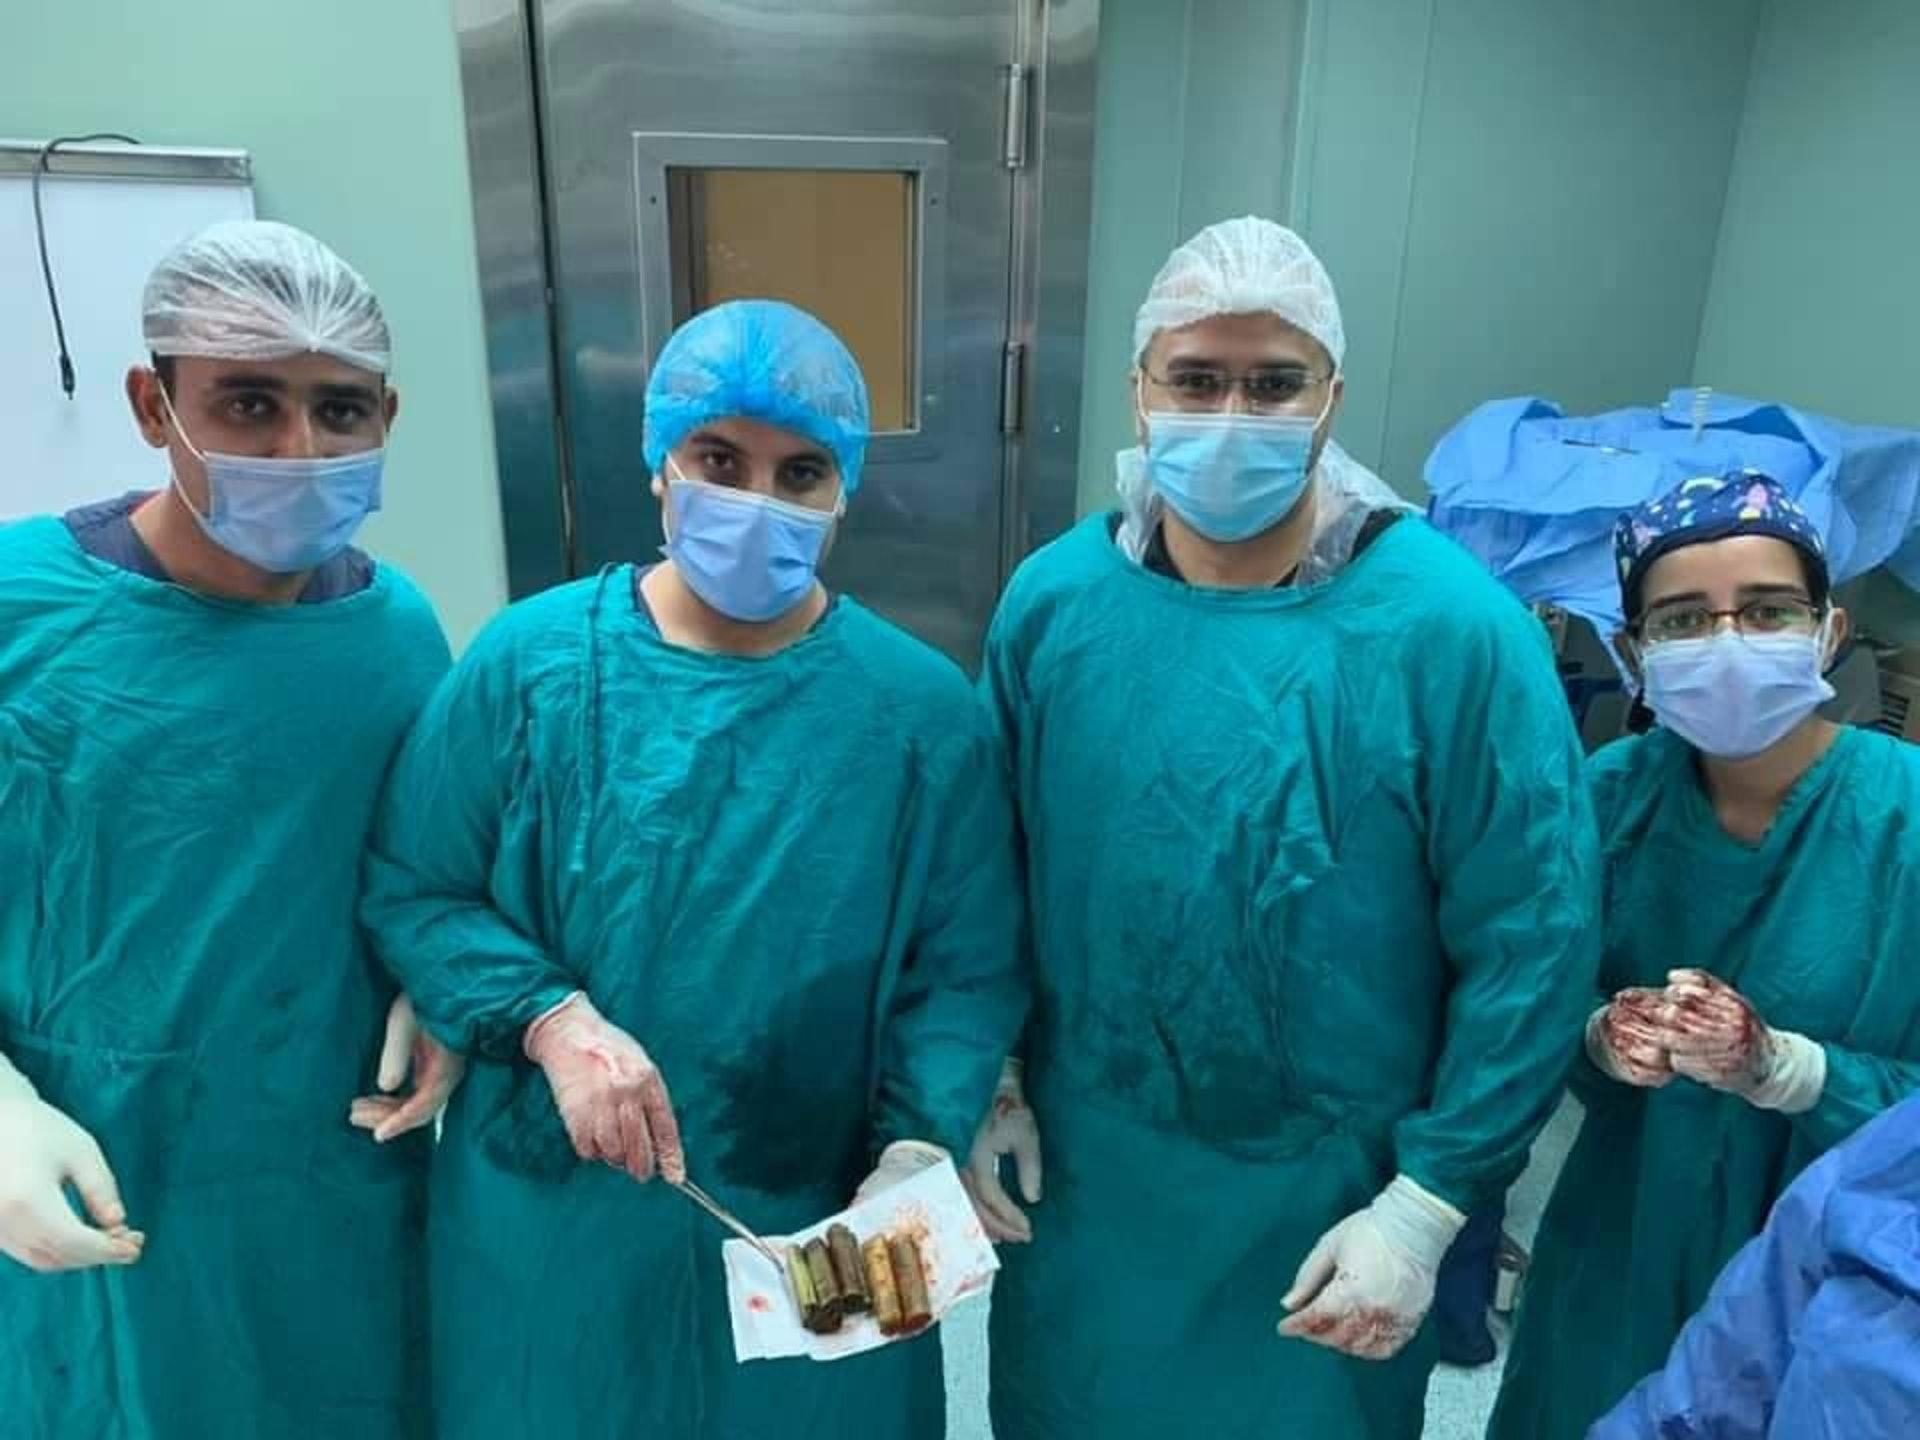 男子肚痛入院 医生急开刀竟从体内取出4卷钞票 原因更离奇